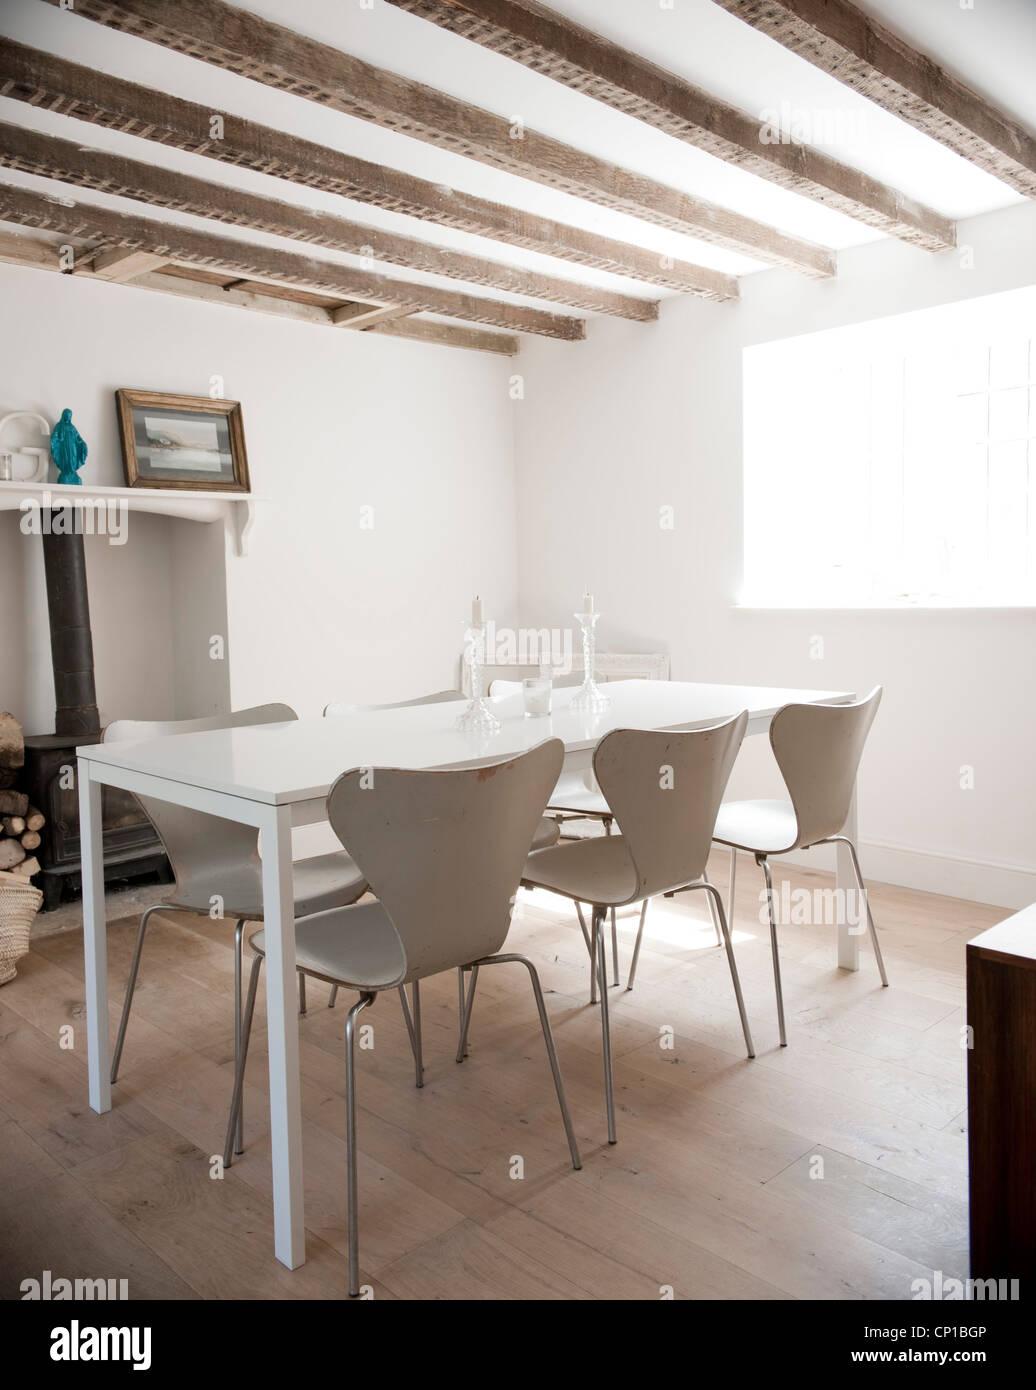 Salle à manger avec poutres apparentes, Orchard Cottage, au Royaume-Uni. Photo Stock